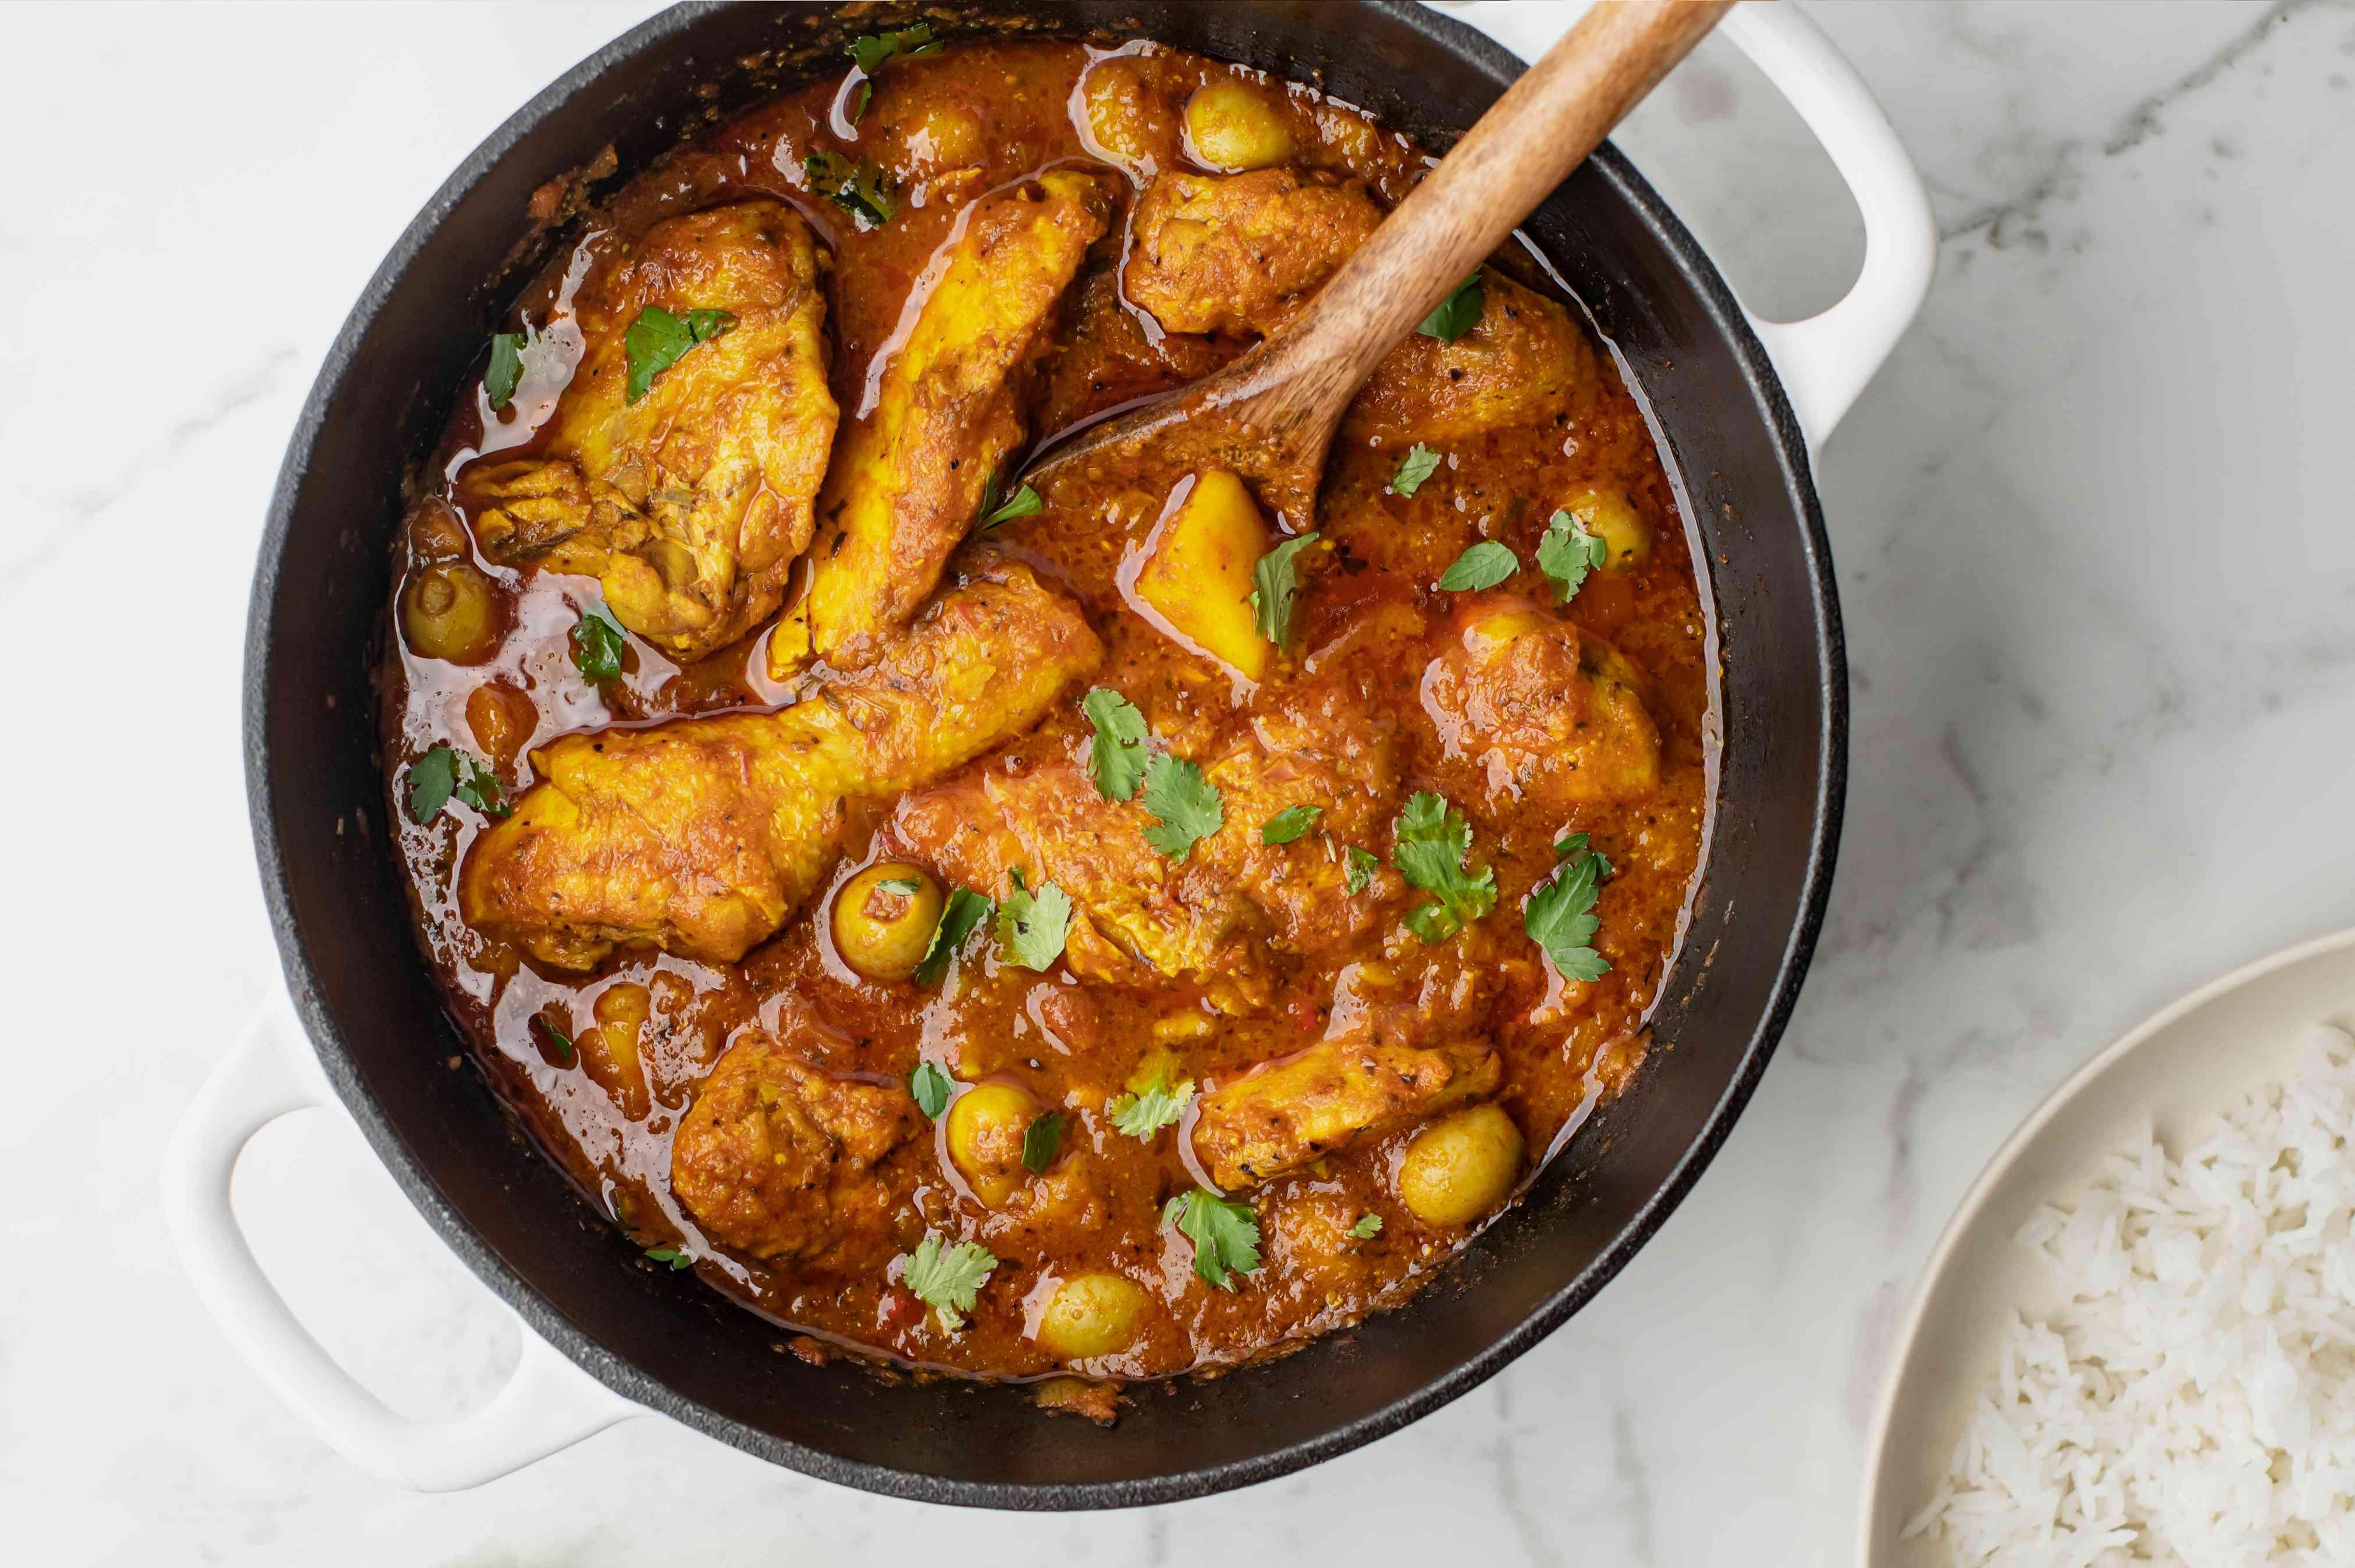 Garnish chicken